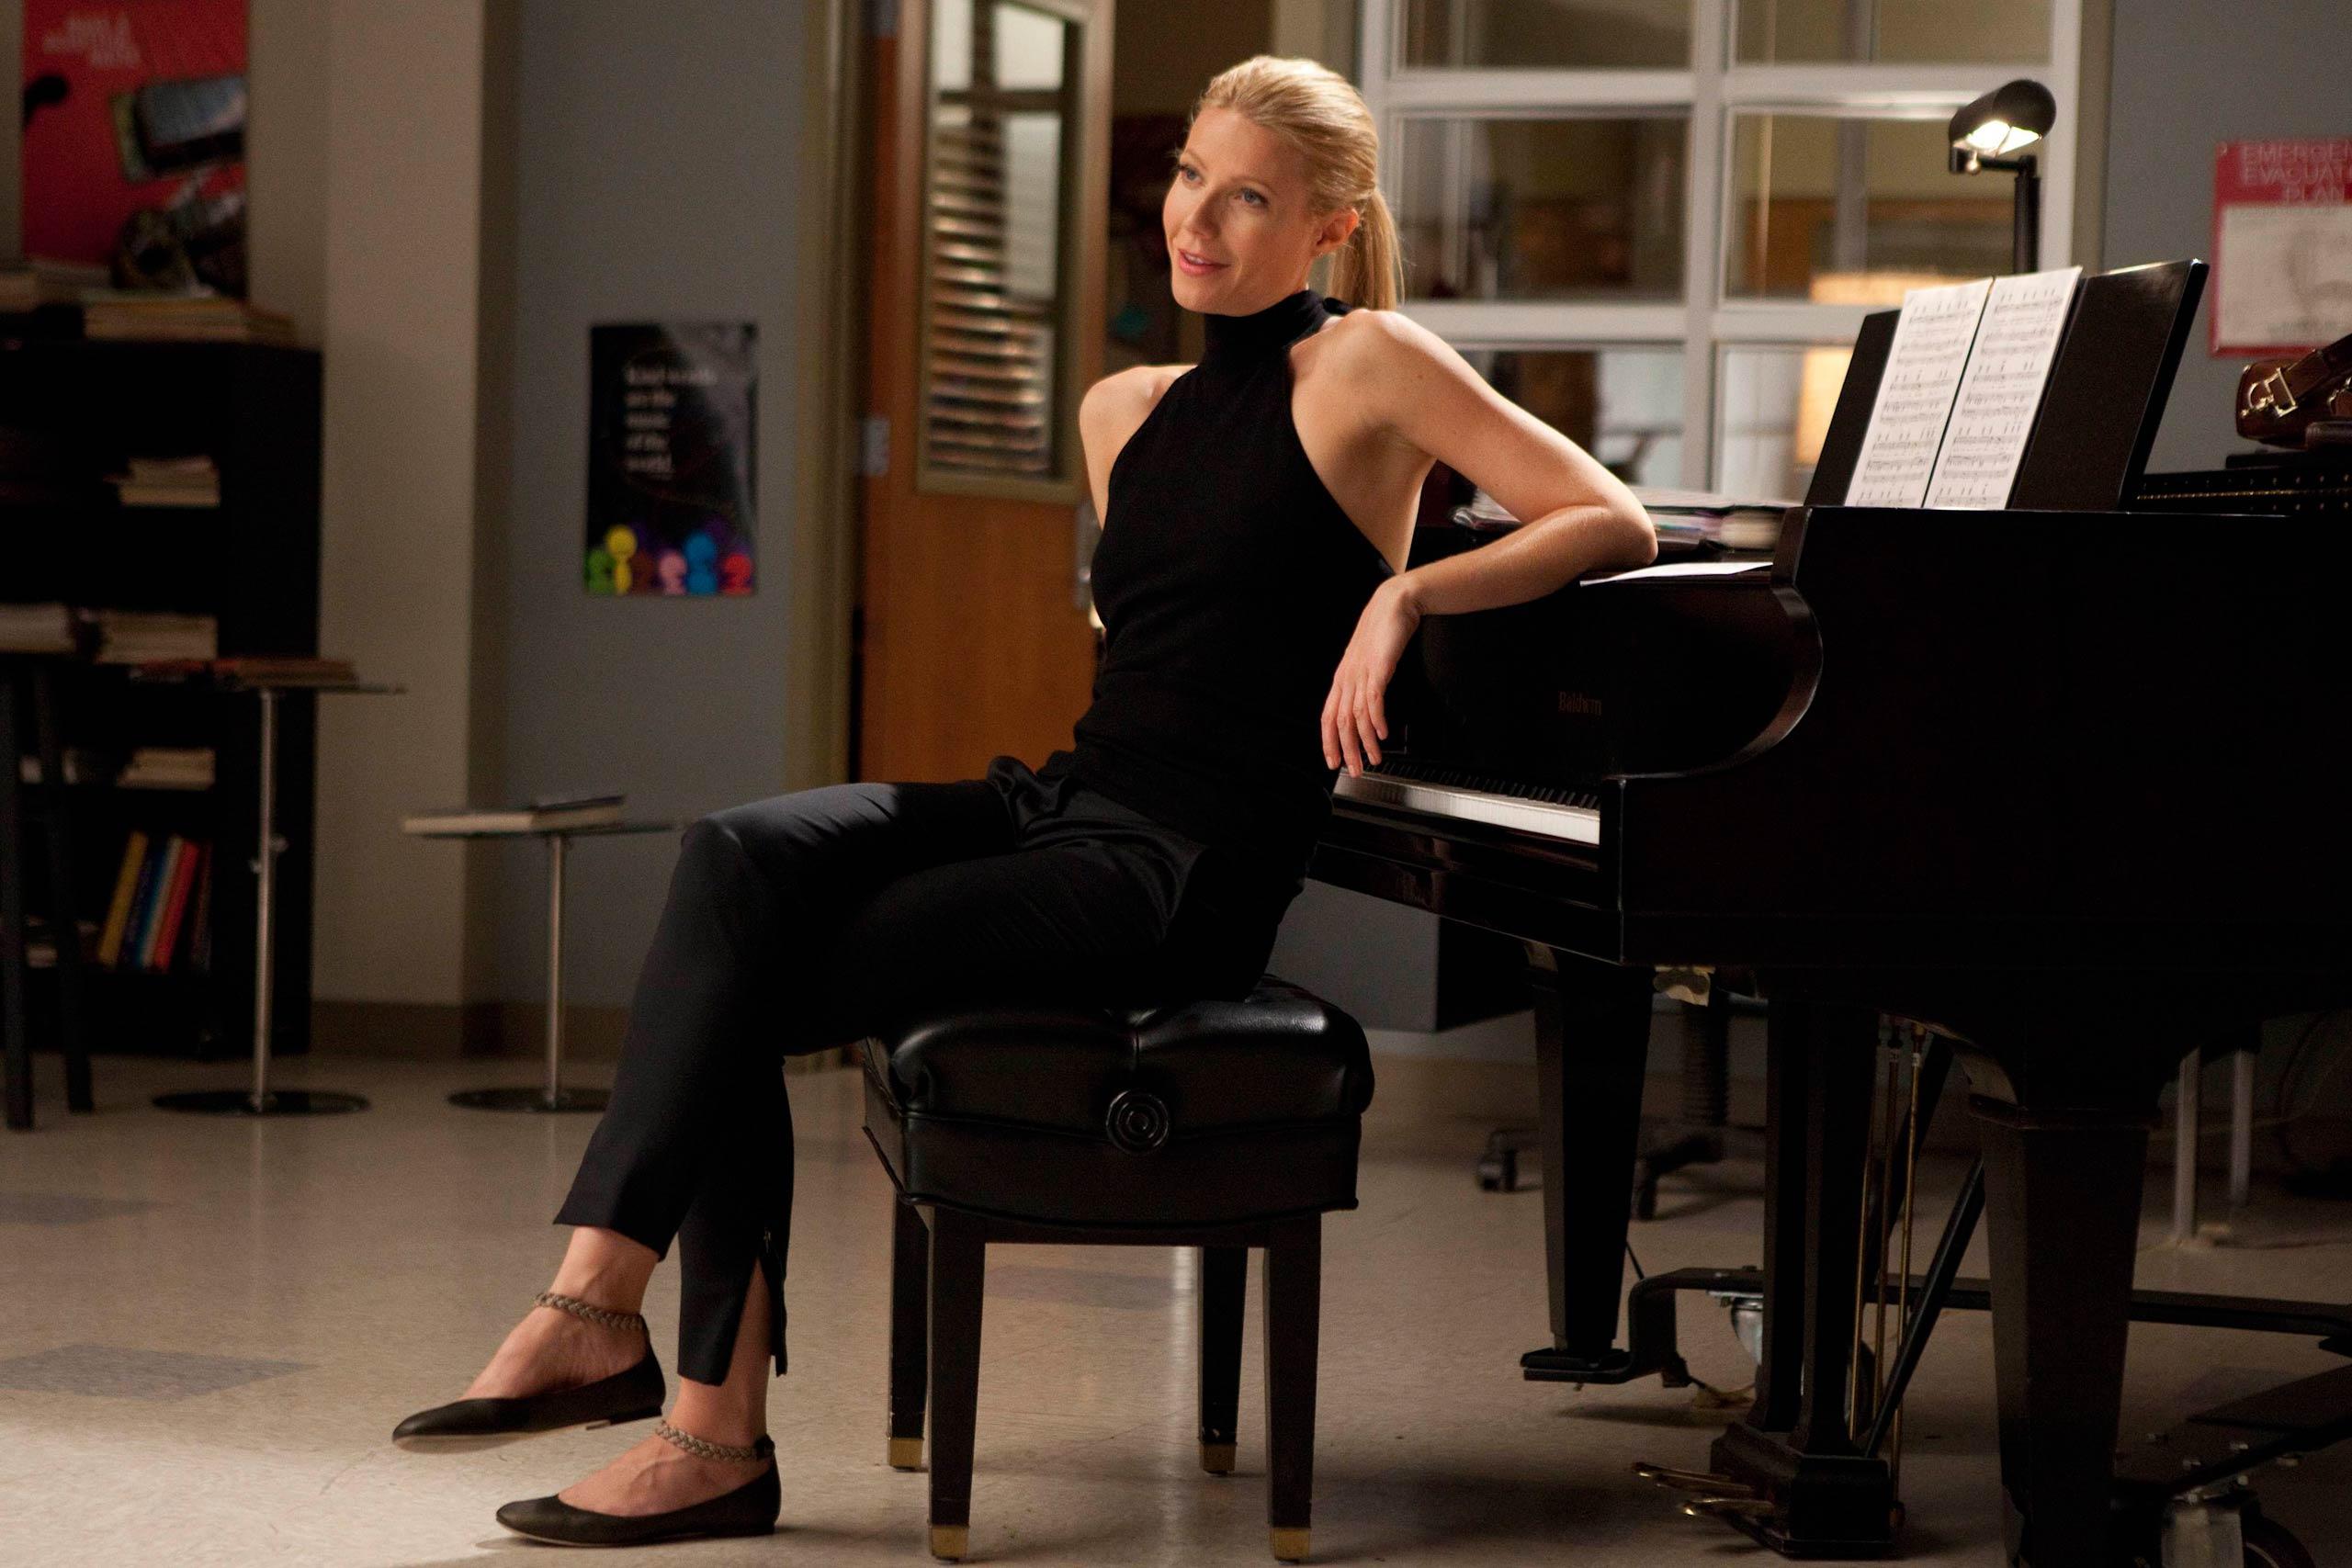 Gwyneth Paltrow as Holly Holliday